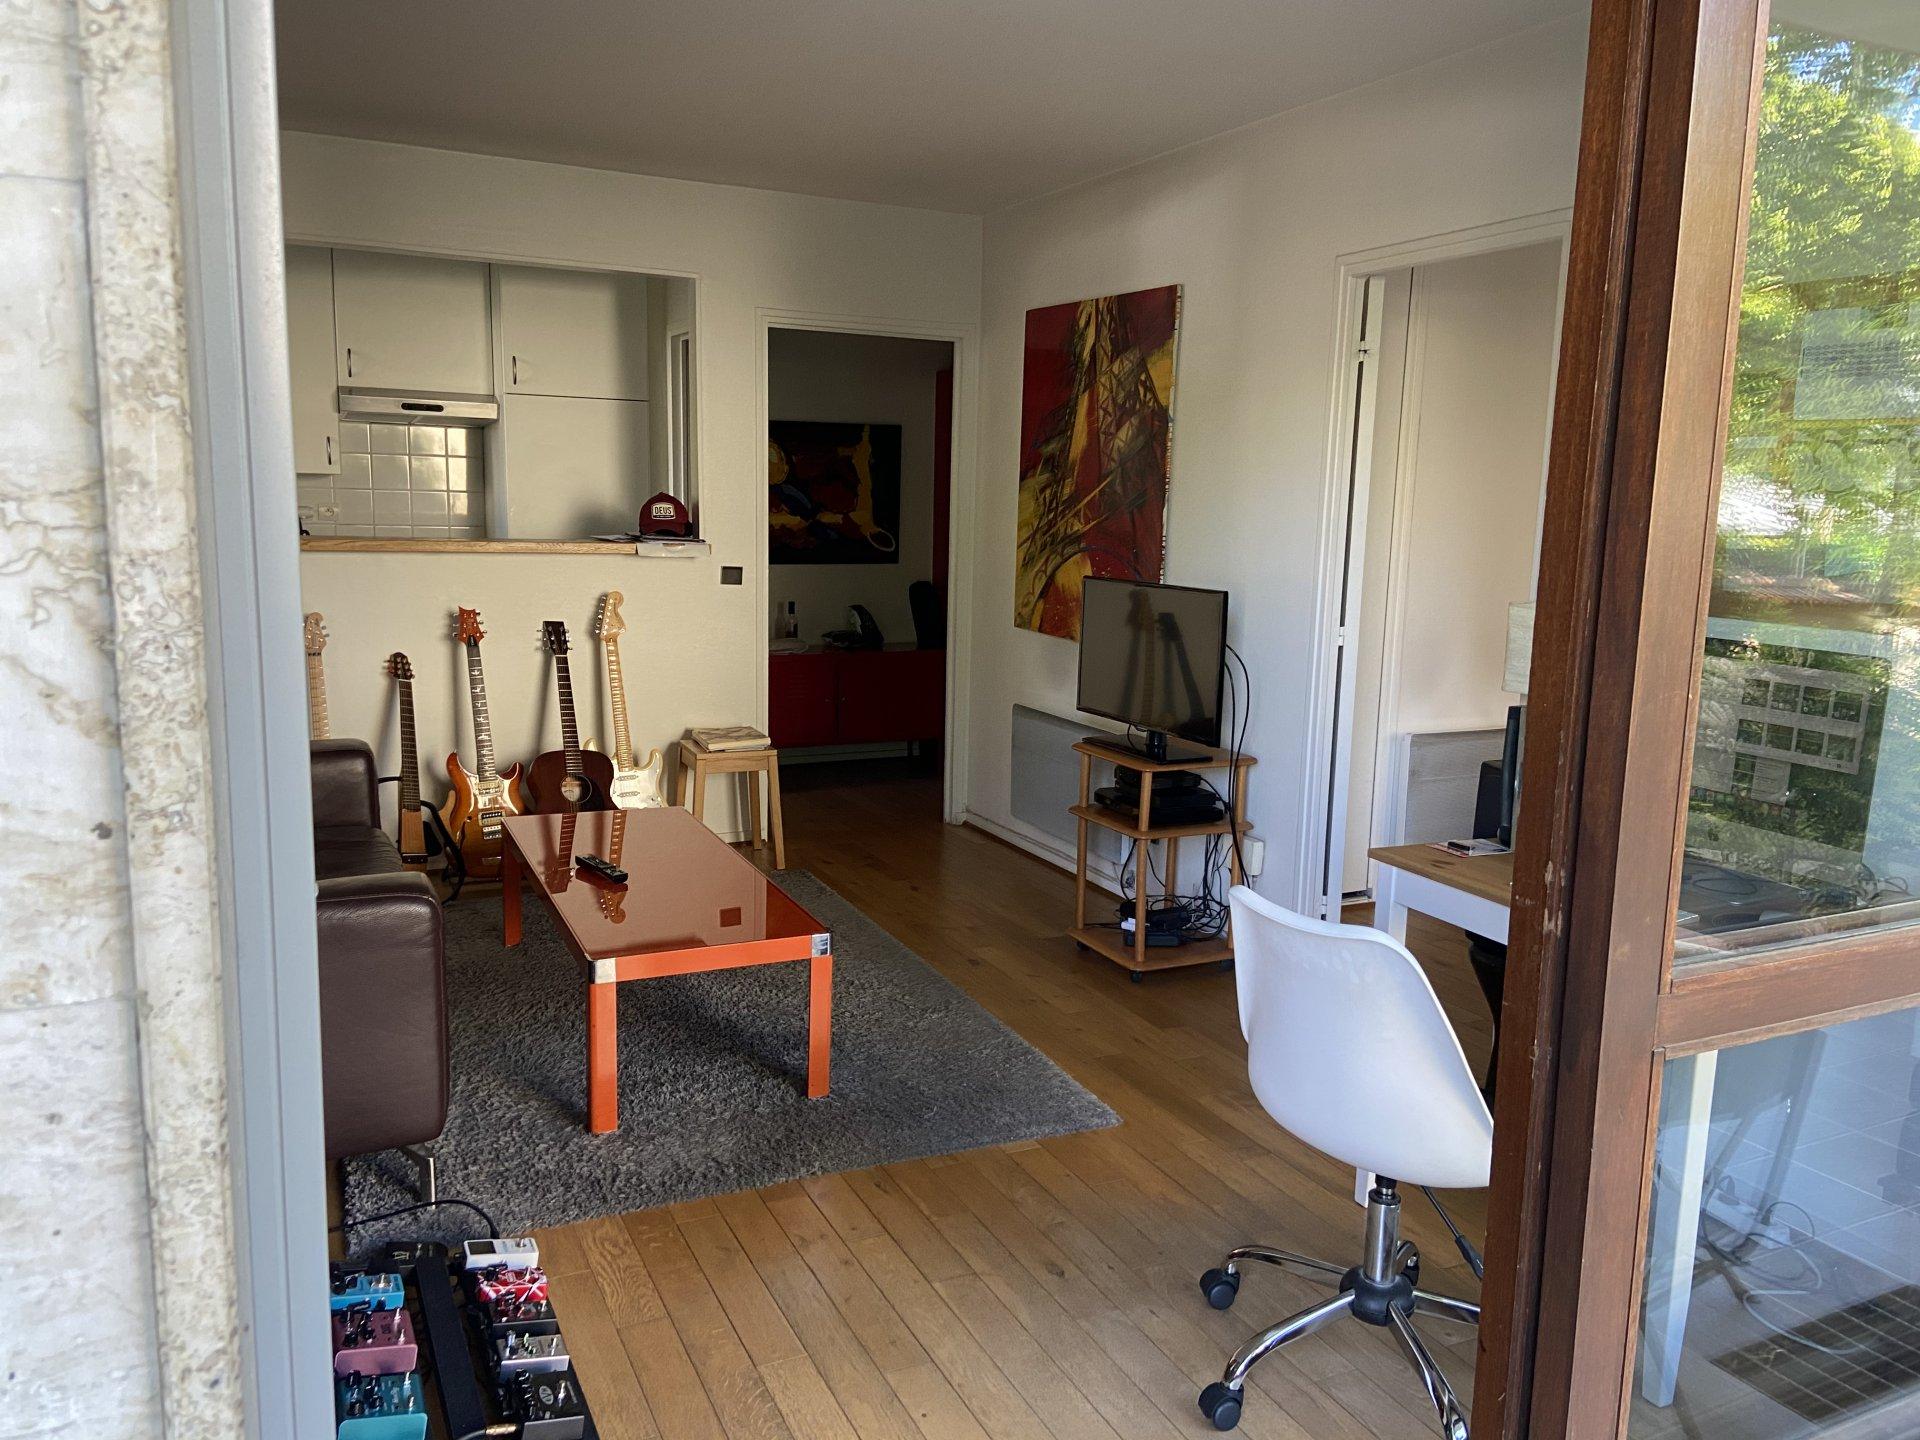 Dans un quartier privilégié, APPARTEMENT 2 pièces de 37 m² avec son JARDIN PRIVATIF d'environ 230 m², PLACE DE PARKING et CAVE. Bien d'exception et rare sur le marché !